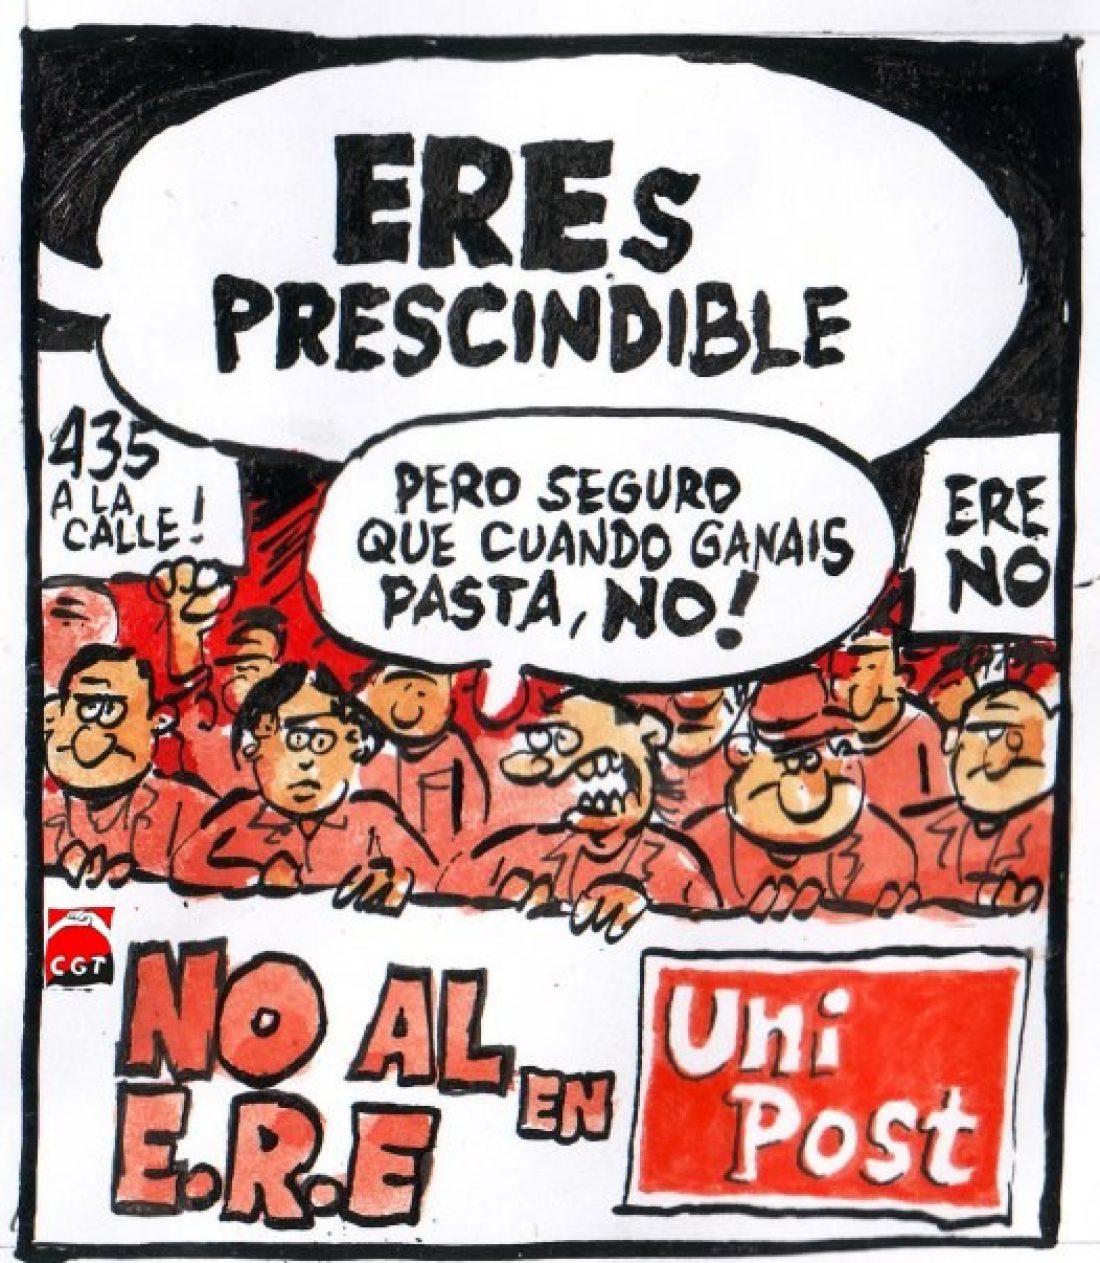 Manifestación de trabajadorxs de Unipost en Barcelona, sábado 2 de febrero a las 11.30horas (Pza. Universitat)